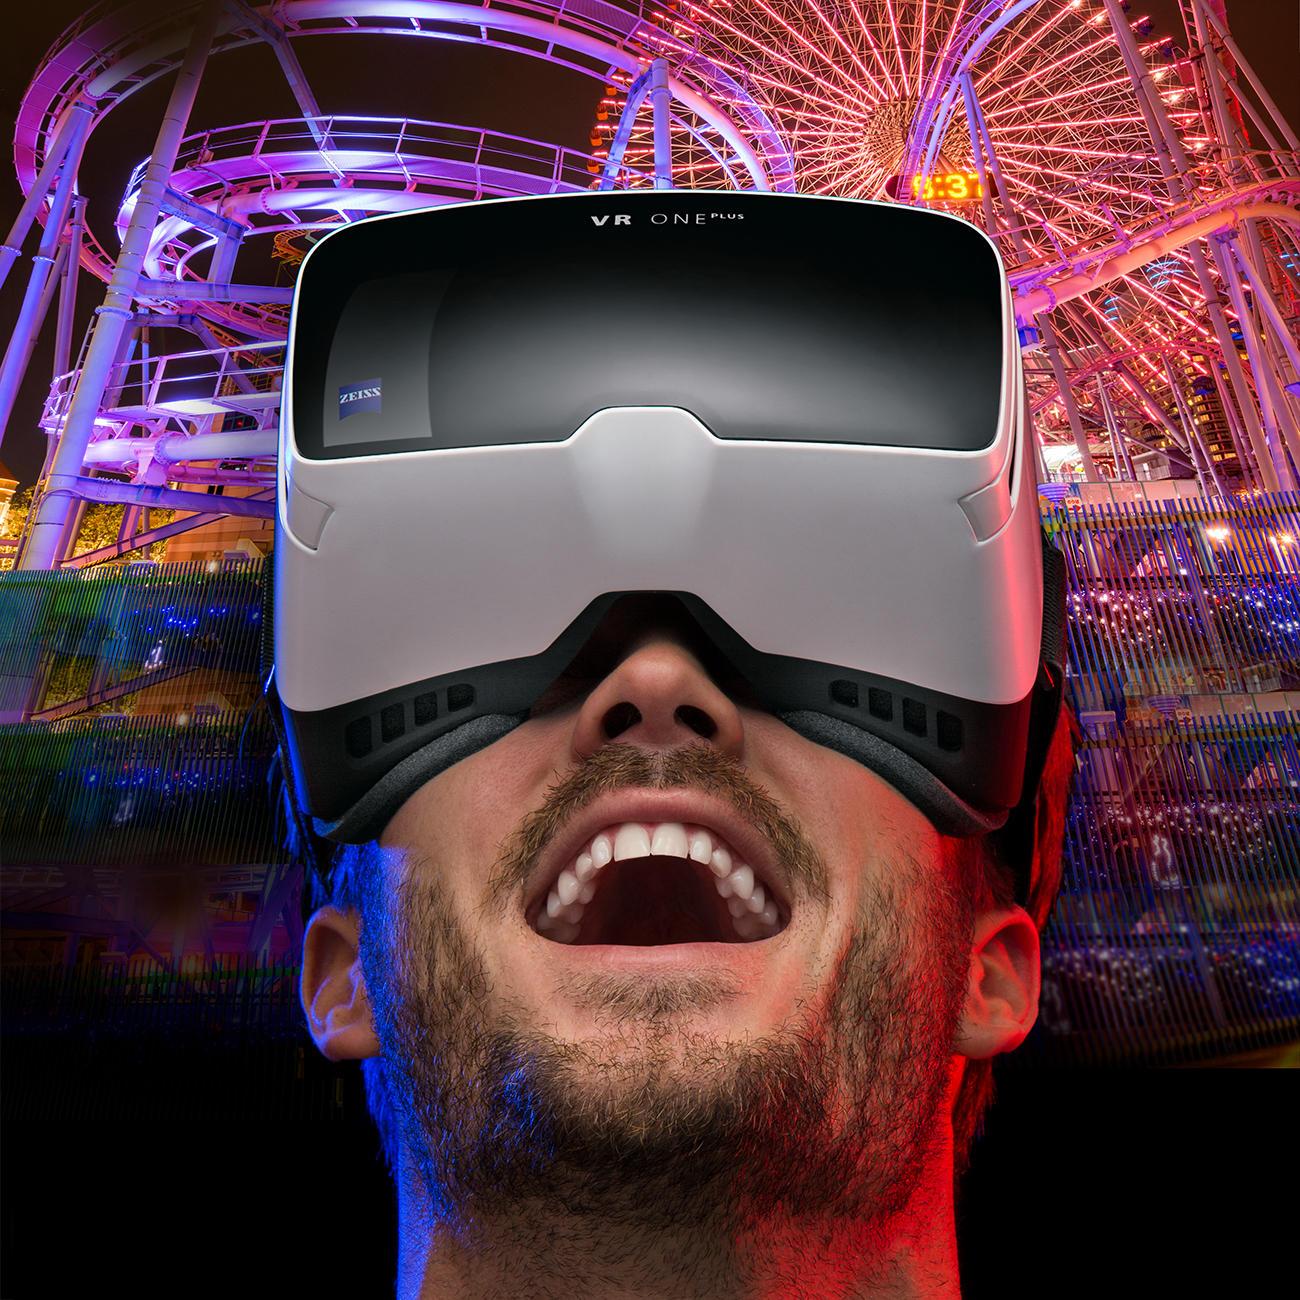 ZEISS VR ONE Plus Brille inkl. Handyslot Das bessere 3D-Erlebnis: Headtracking und 100°-Sichtfeld (statt oft nur 45°).